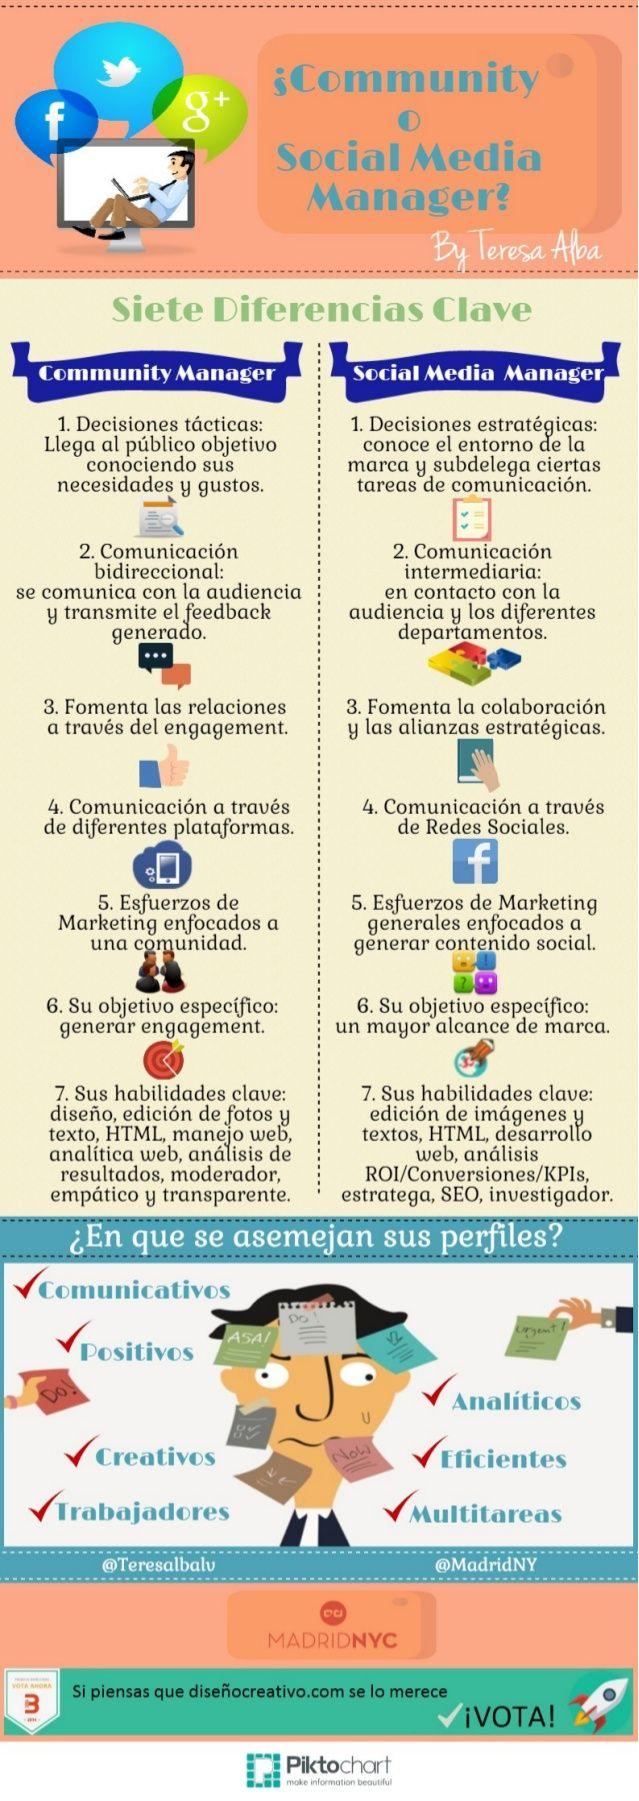 7 diferentas entre #CommunityManager y #SocialMedia Manager. Mezclados y algo revueltos en los tiempos que corren, pero 2 posiciones bien diferenciadas. #Infografía